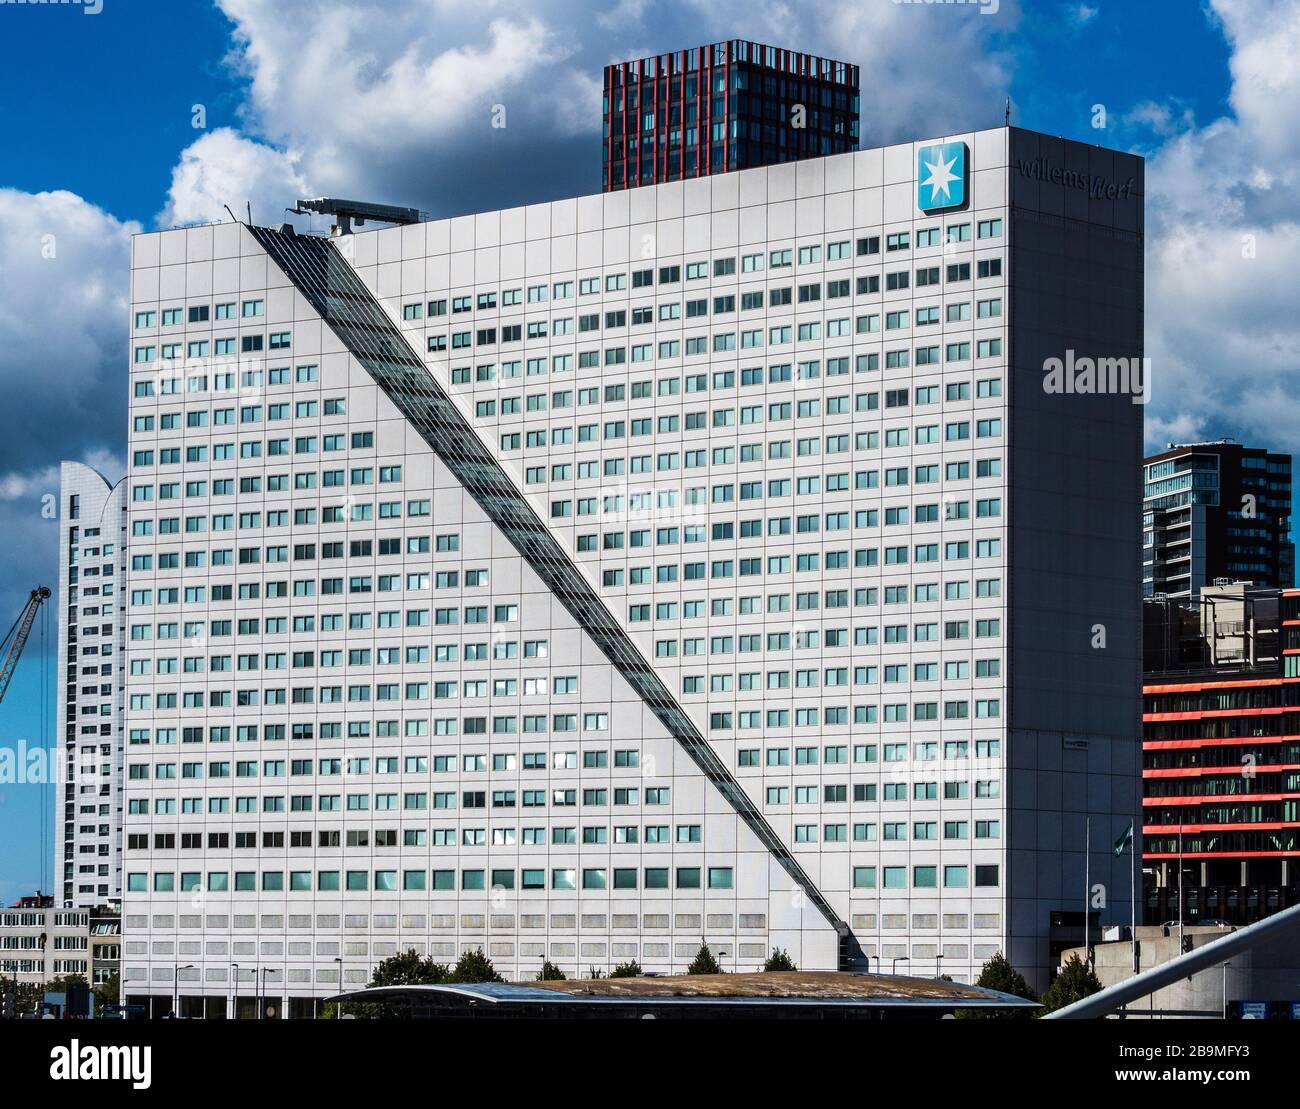 A. P. Møller – Mærsk A/S Willemswerf Rotterdam. L'edificio degli uffici ospita attualmente la sede olandese di Maersk. Completato nel 1988, architetto Wim Quist. Foto Stock